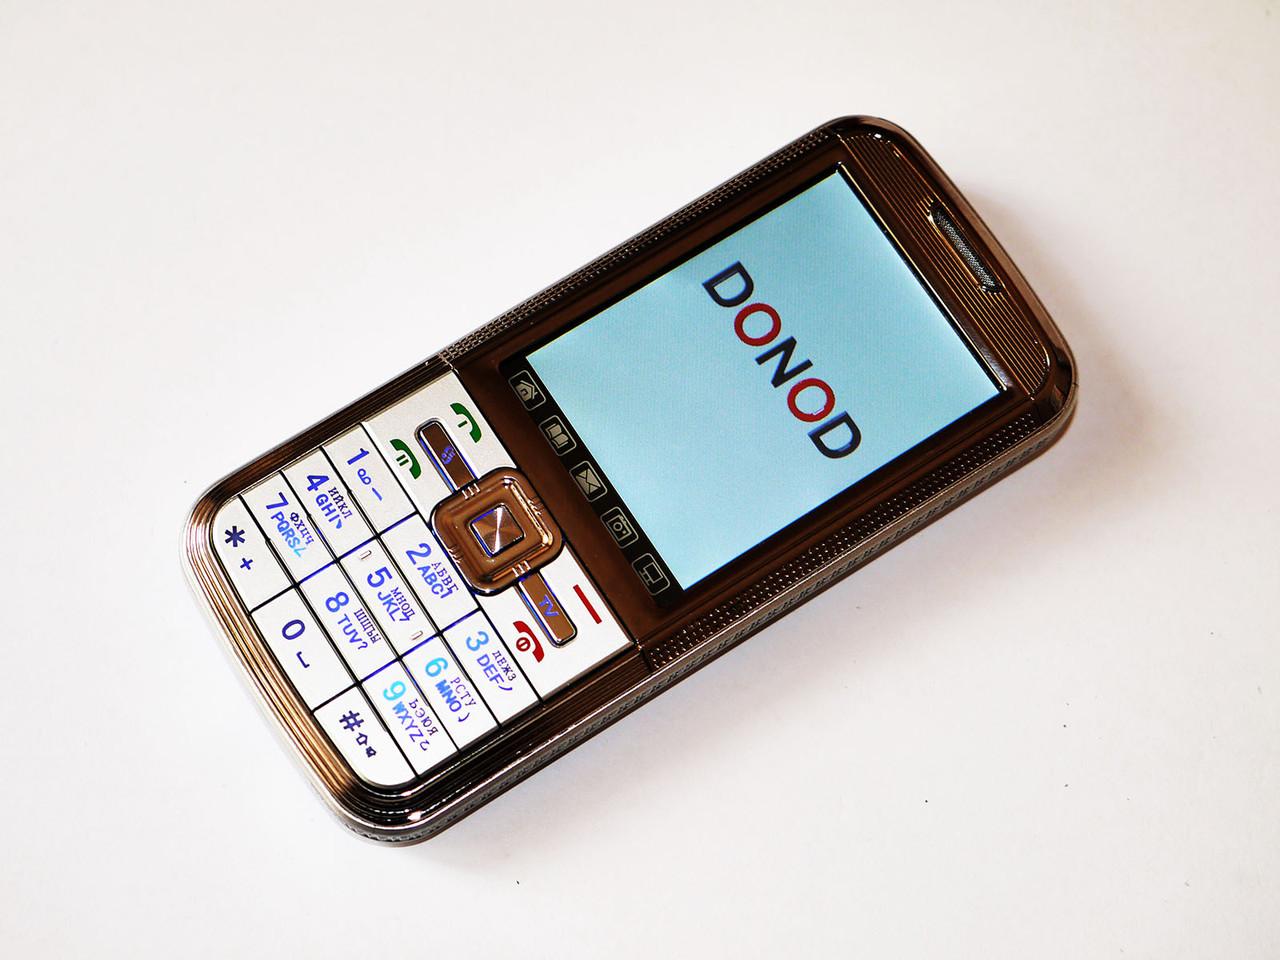 Купить китайский телефон донод в украине г